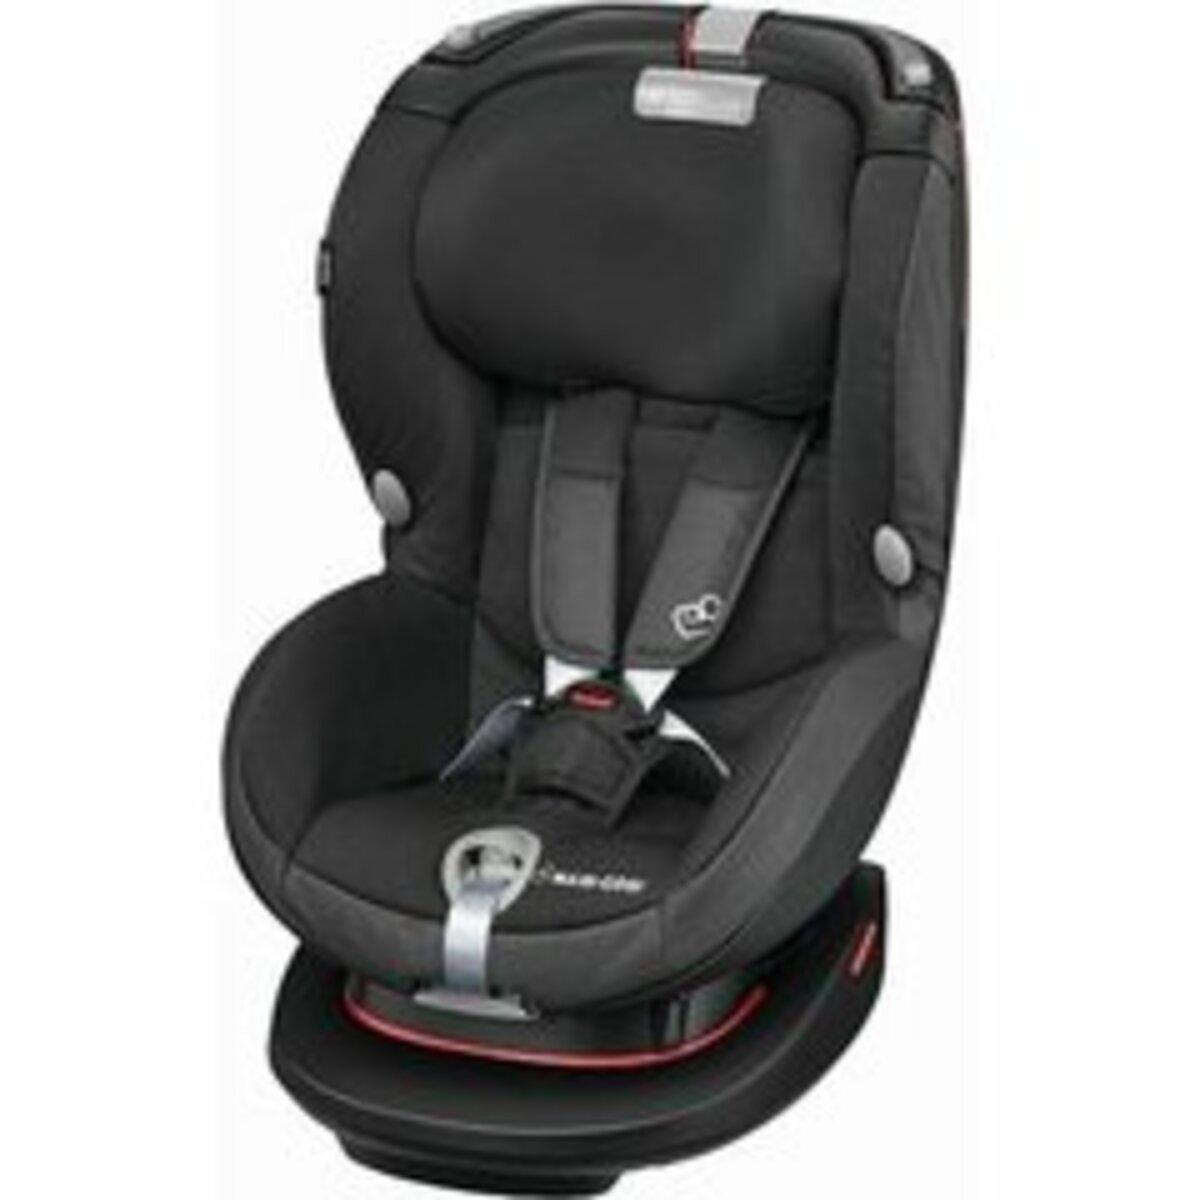 Bild 3 von Maxi-Cosi - Kindersitz Rubi XP, Night Black